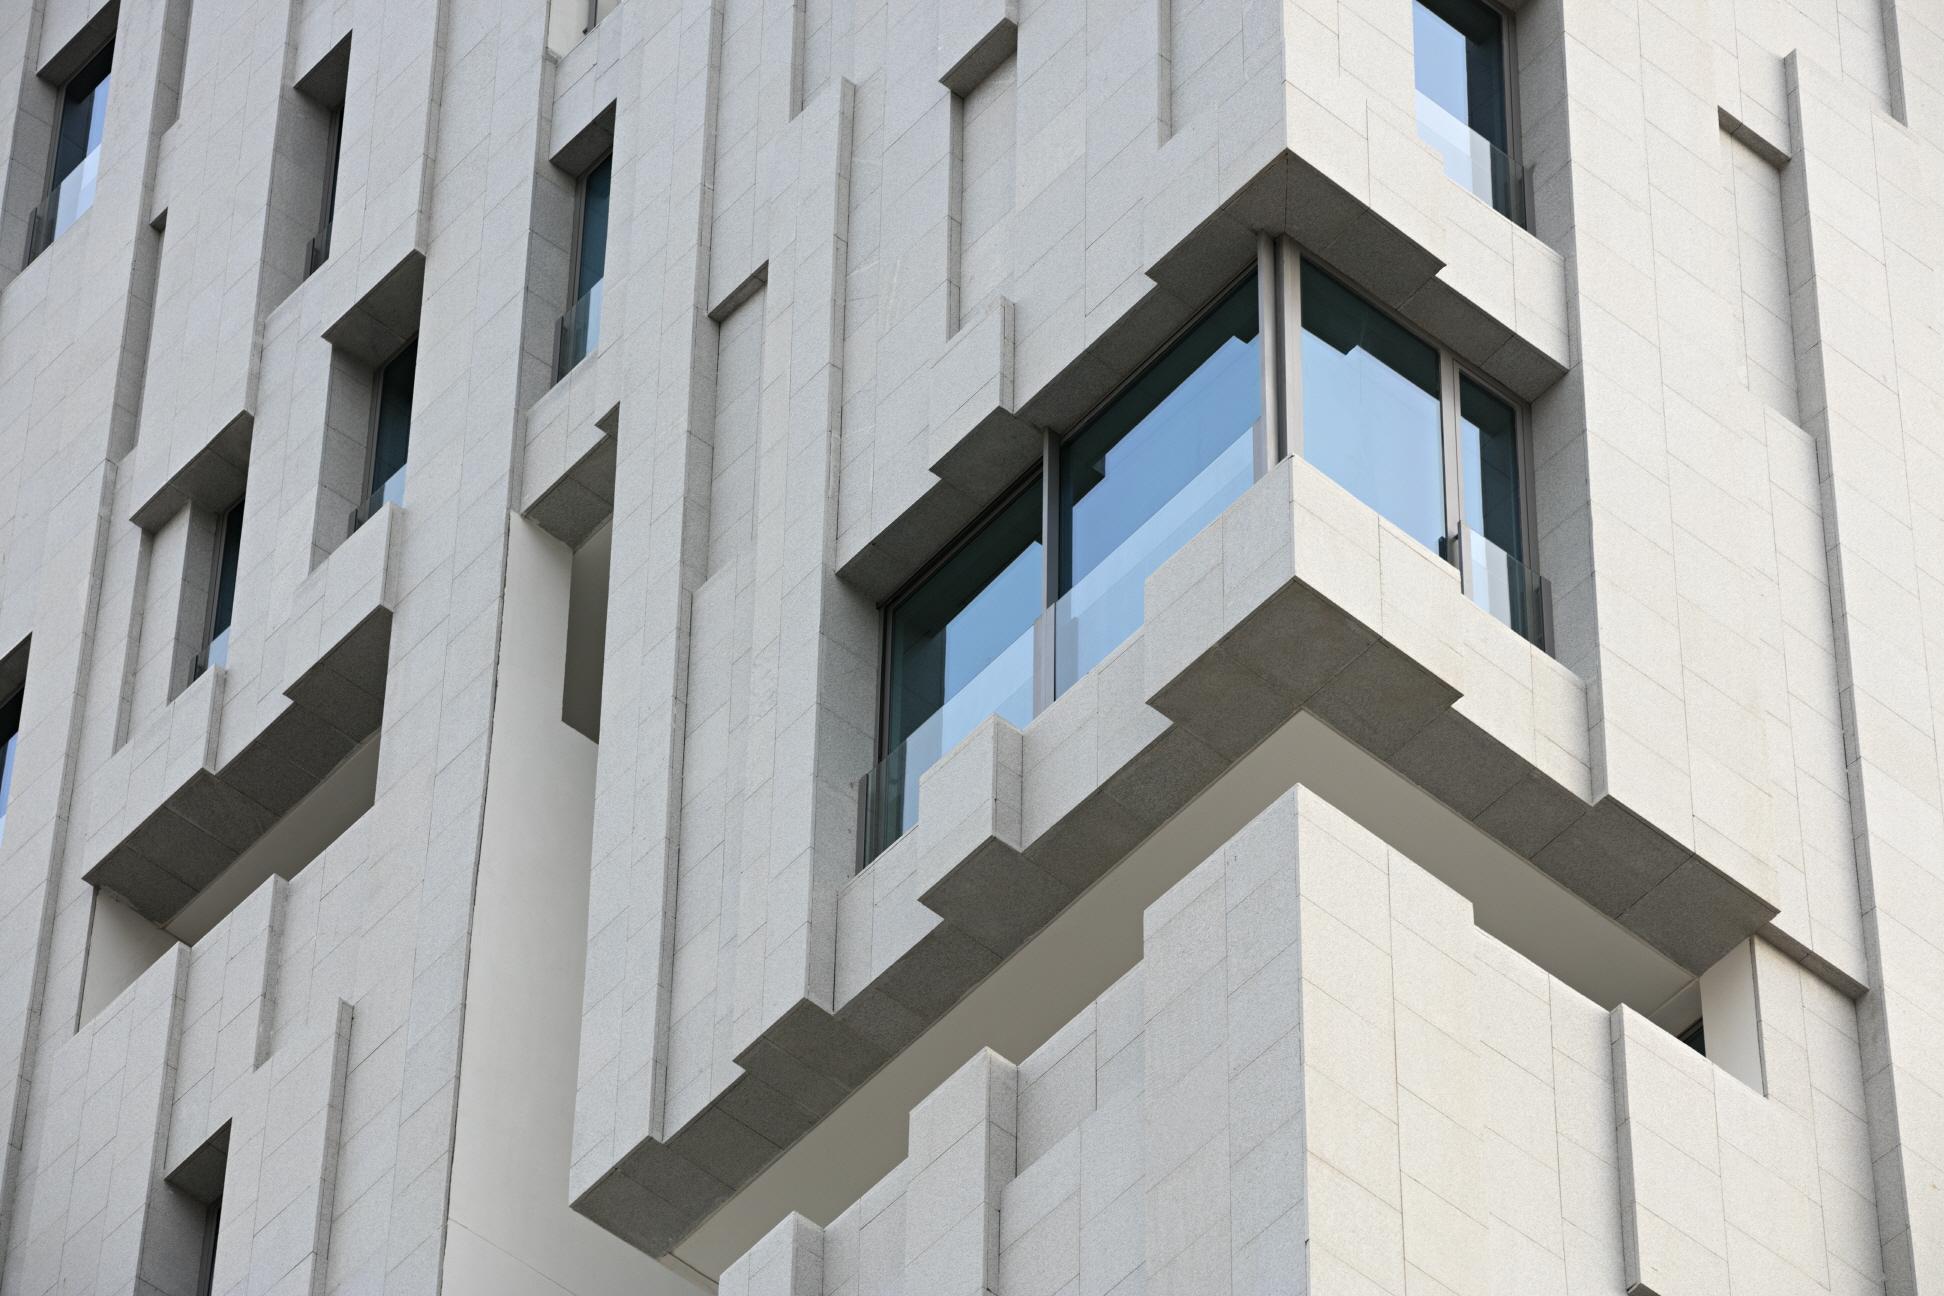 〔안정원의 건축 칼럼〕 수직적 보이드 중정과 기하학적인 매스 조합이 돋보이는 바람의 탑 3